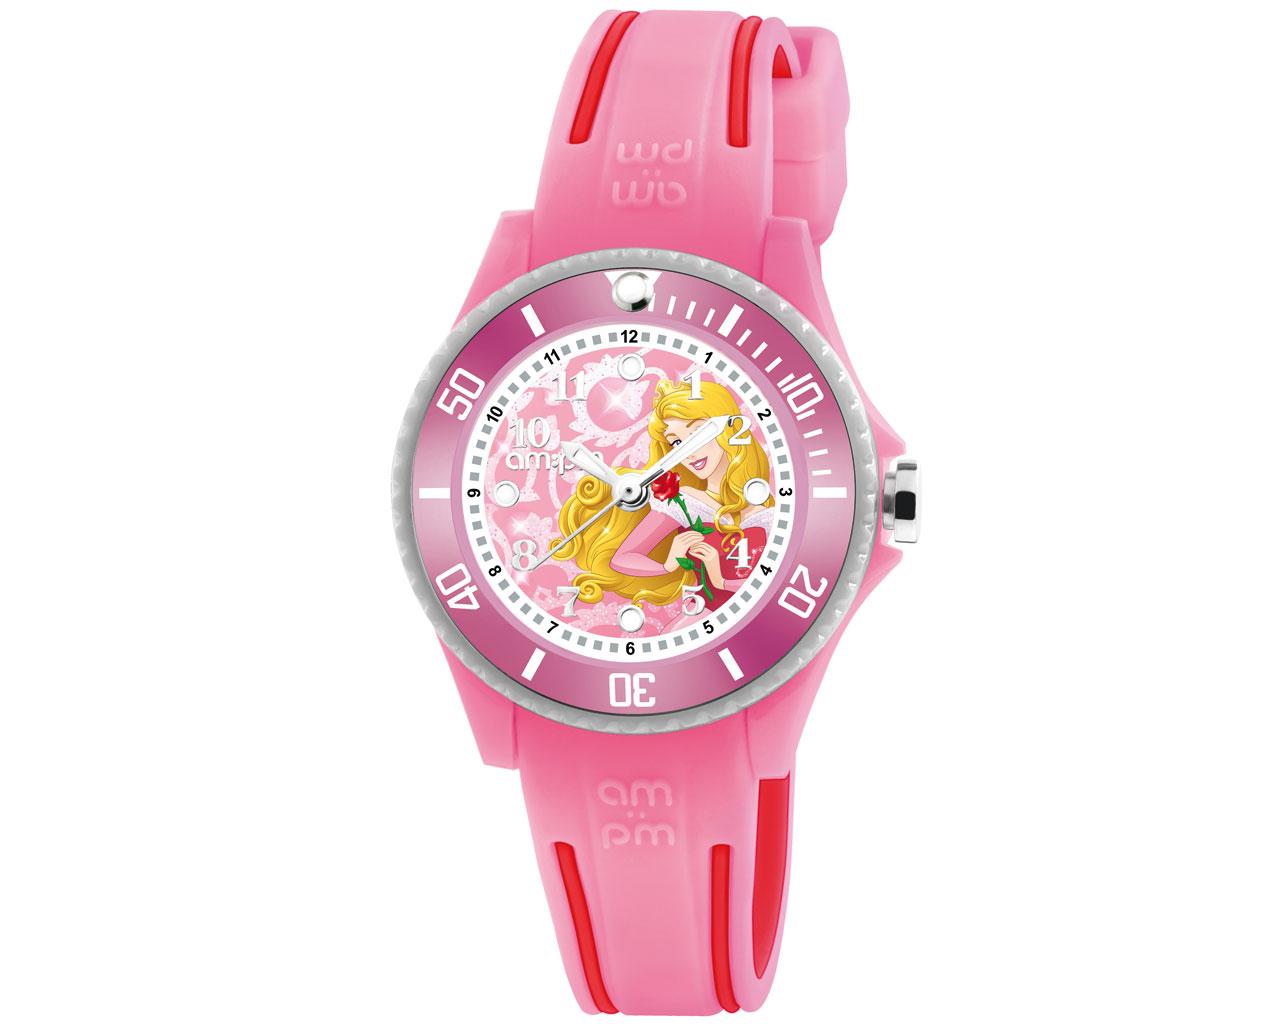 Promocja na zegarki dla dzieci do -70%